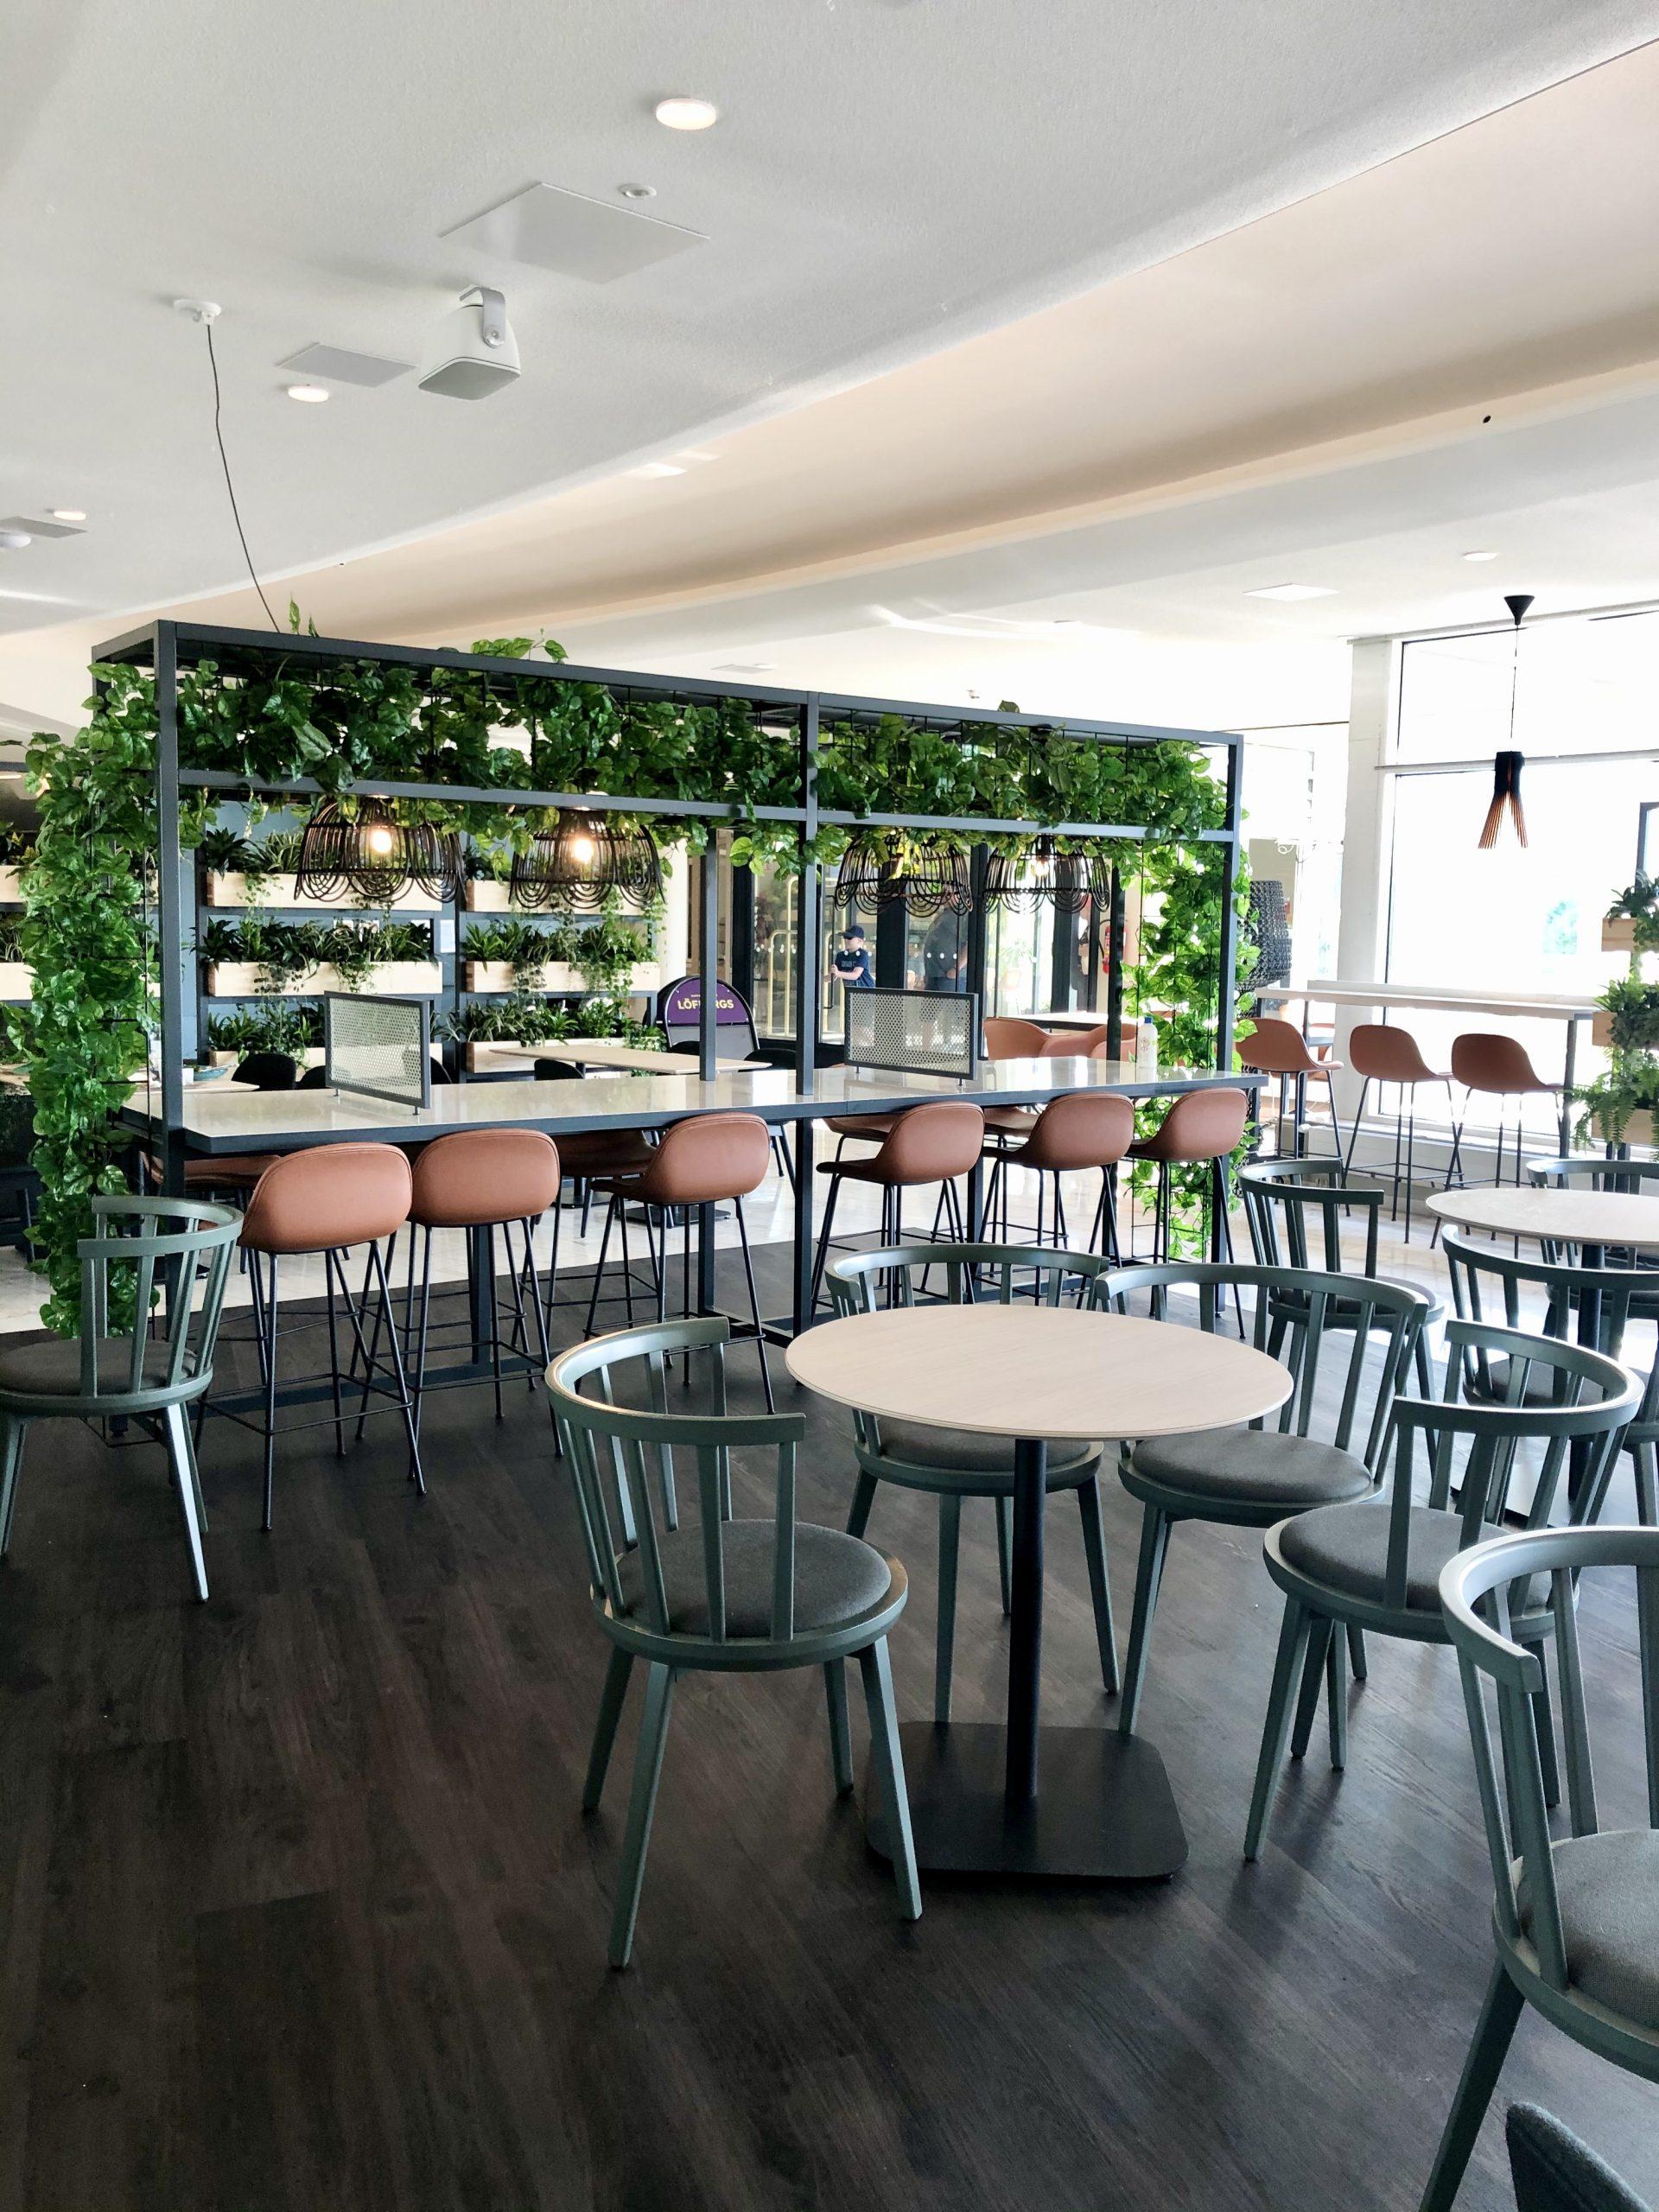 Scandic Eden Nokian aula-alueella sijaitsee uudistettu ravintola, jossa somisteena on paljon viherkasveja.